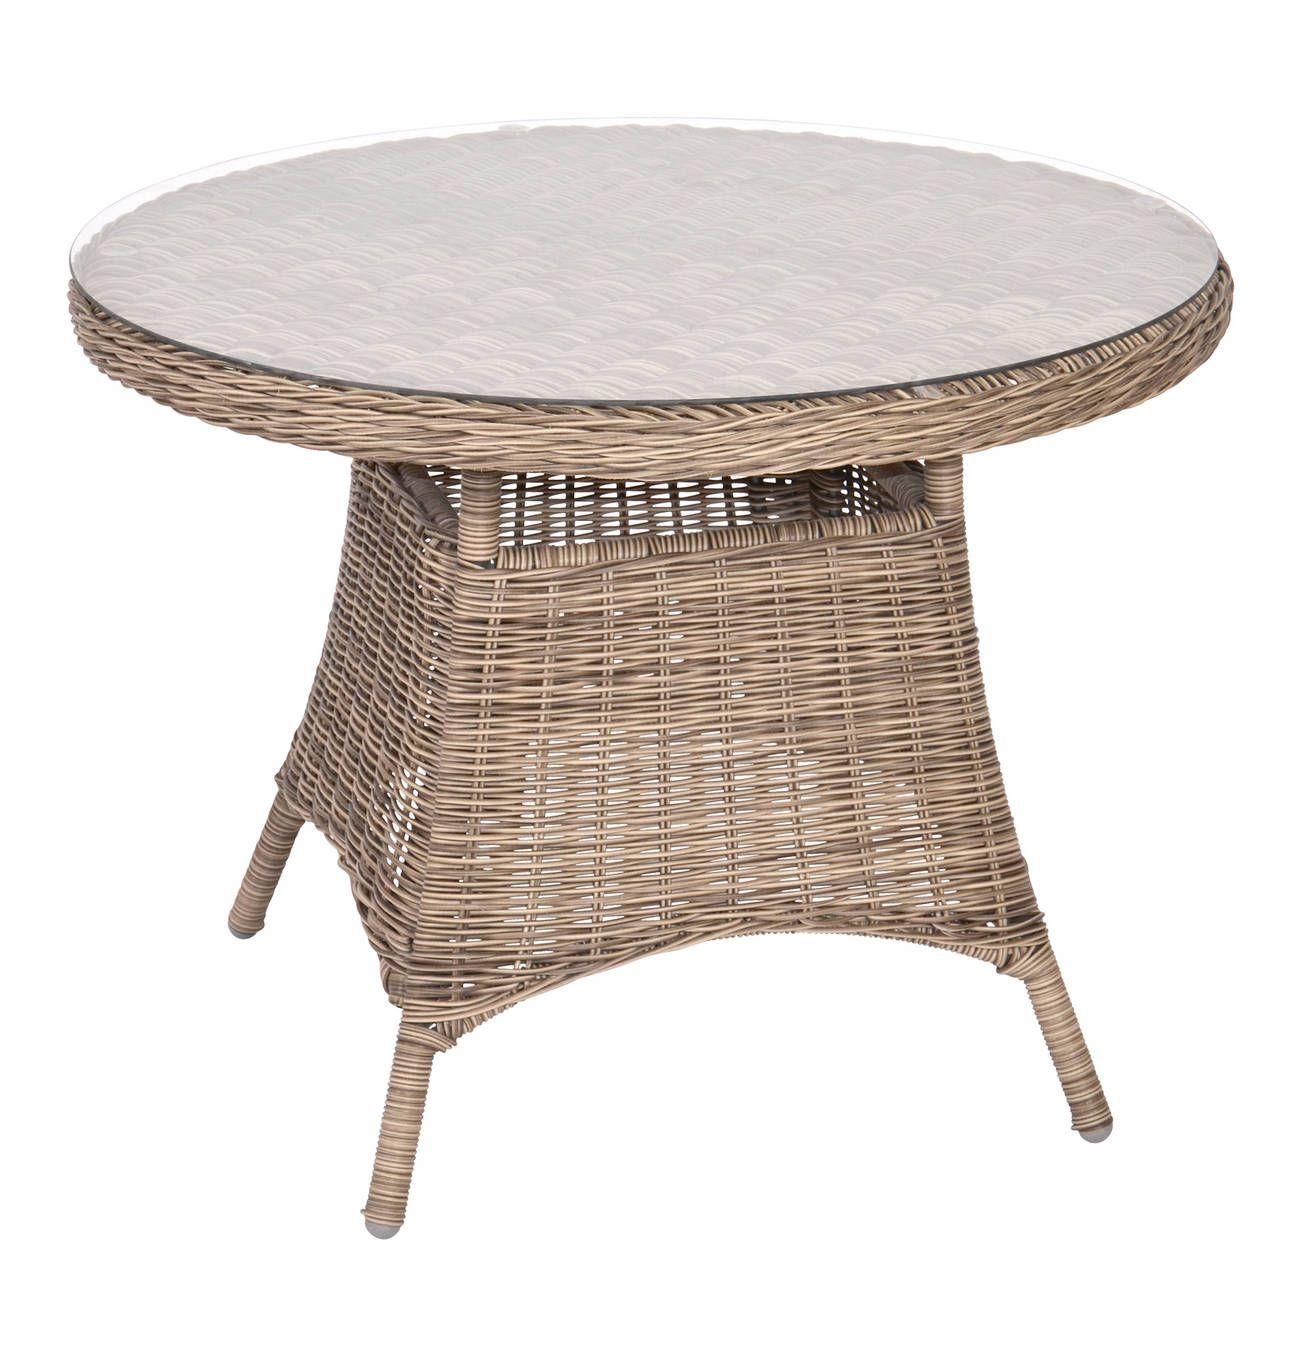 Tisch Salondi Brocard Geflochten Glasplatte Gartentisch Rund